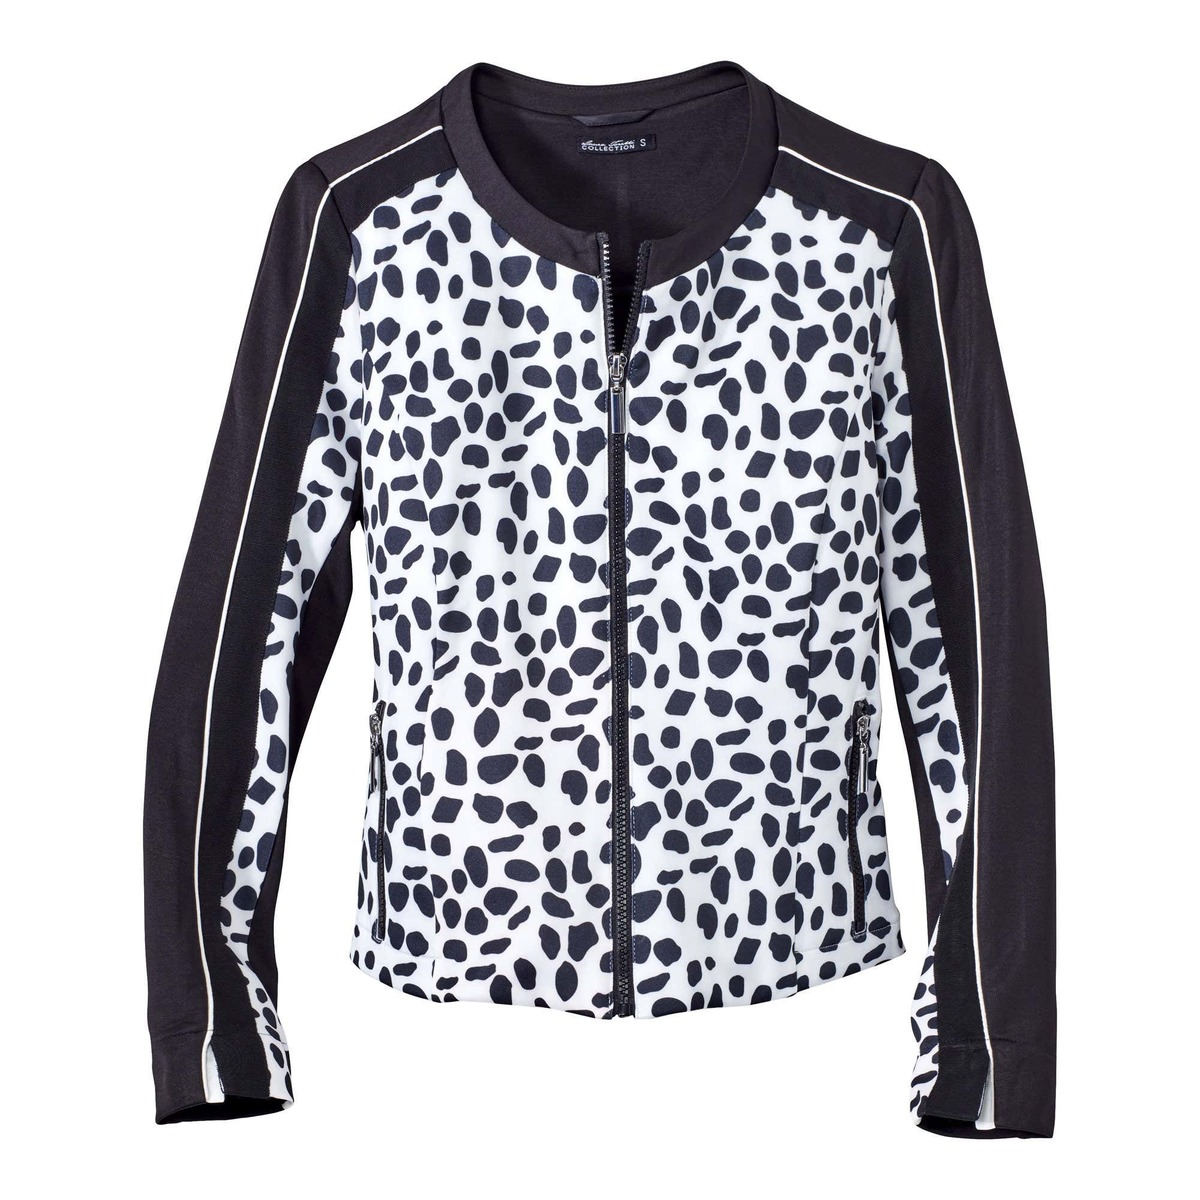 Bild 2 von Damen-Jacke in Schwarz-Weiß-Optik